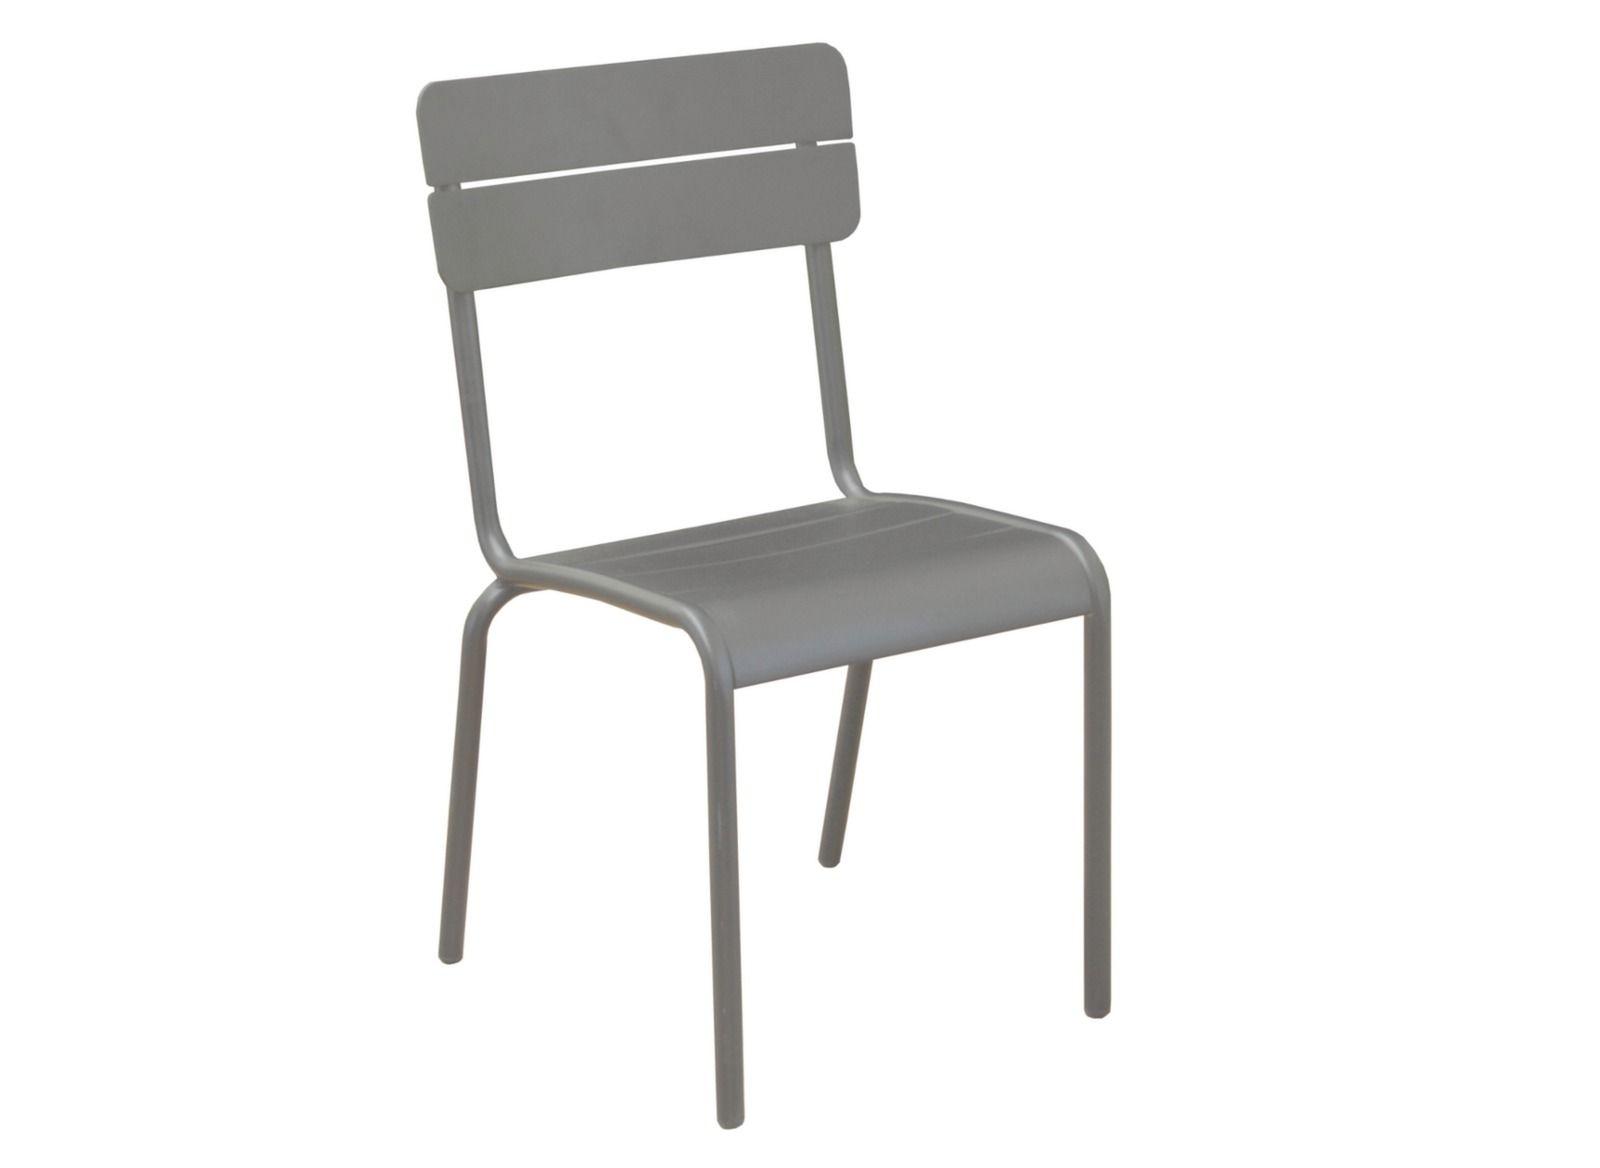 Chaise de salon de jardin aluminium Ecole - Proloisirs | terrace ...